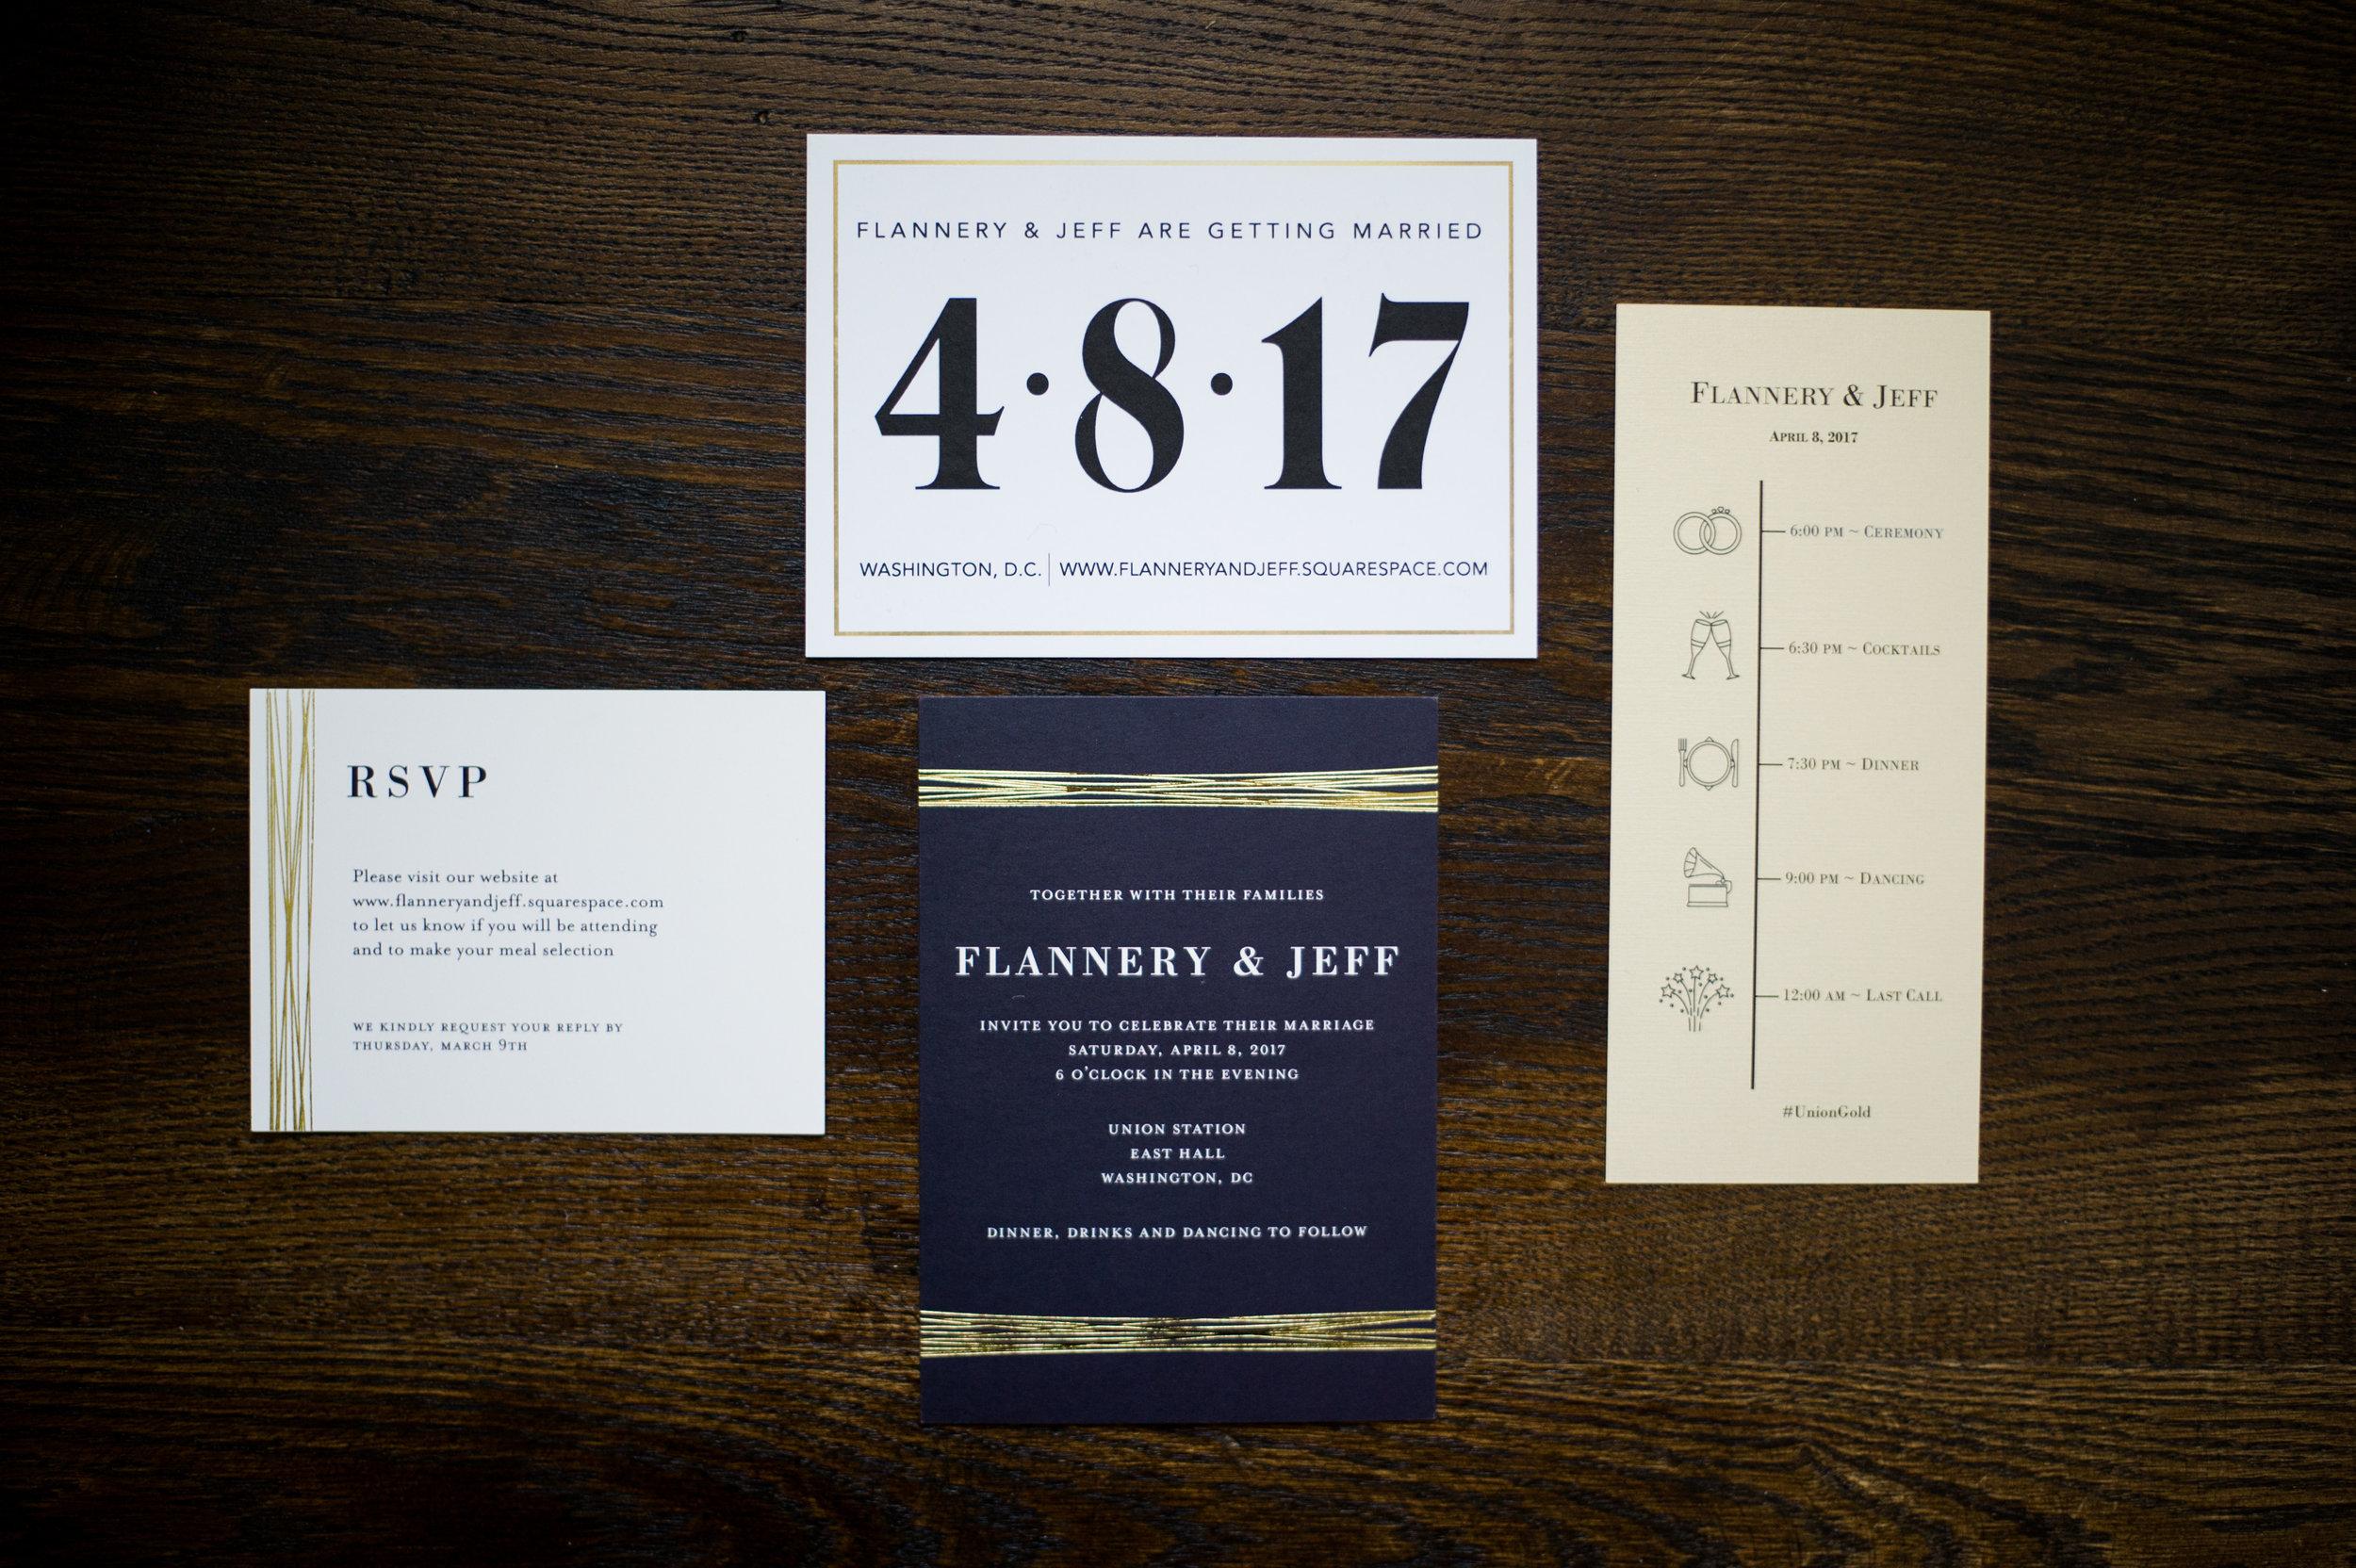 FlanneryJeffPreviews1002 - Copy.jpg